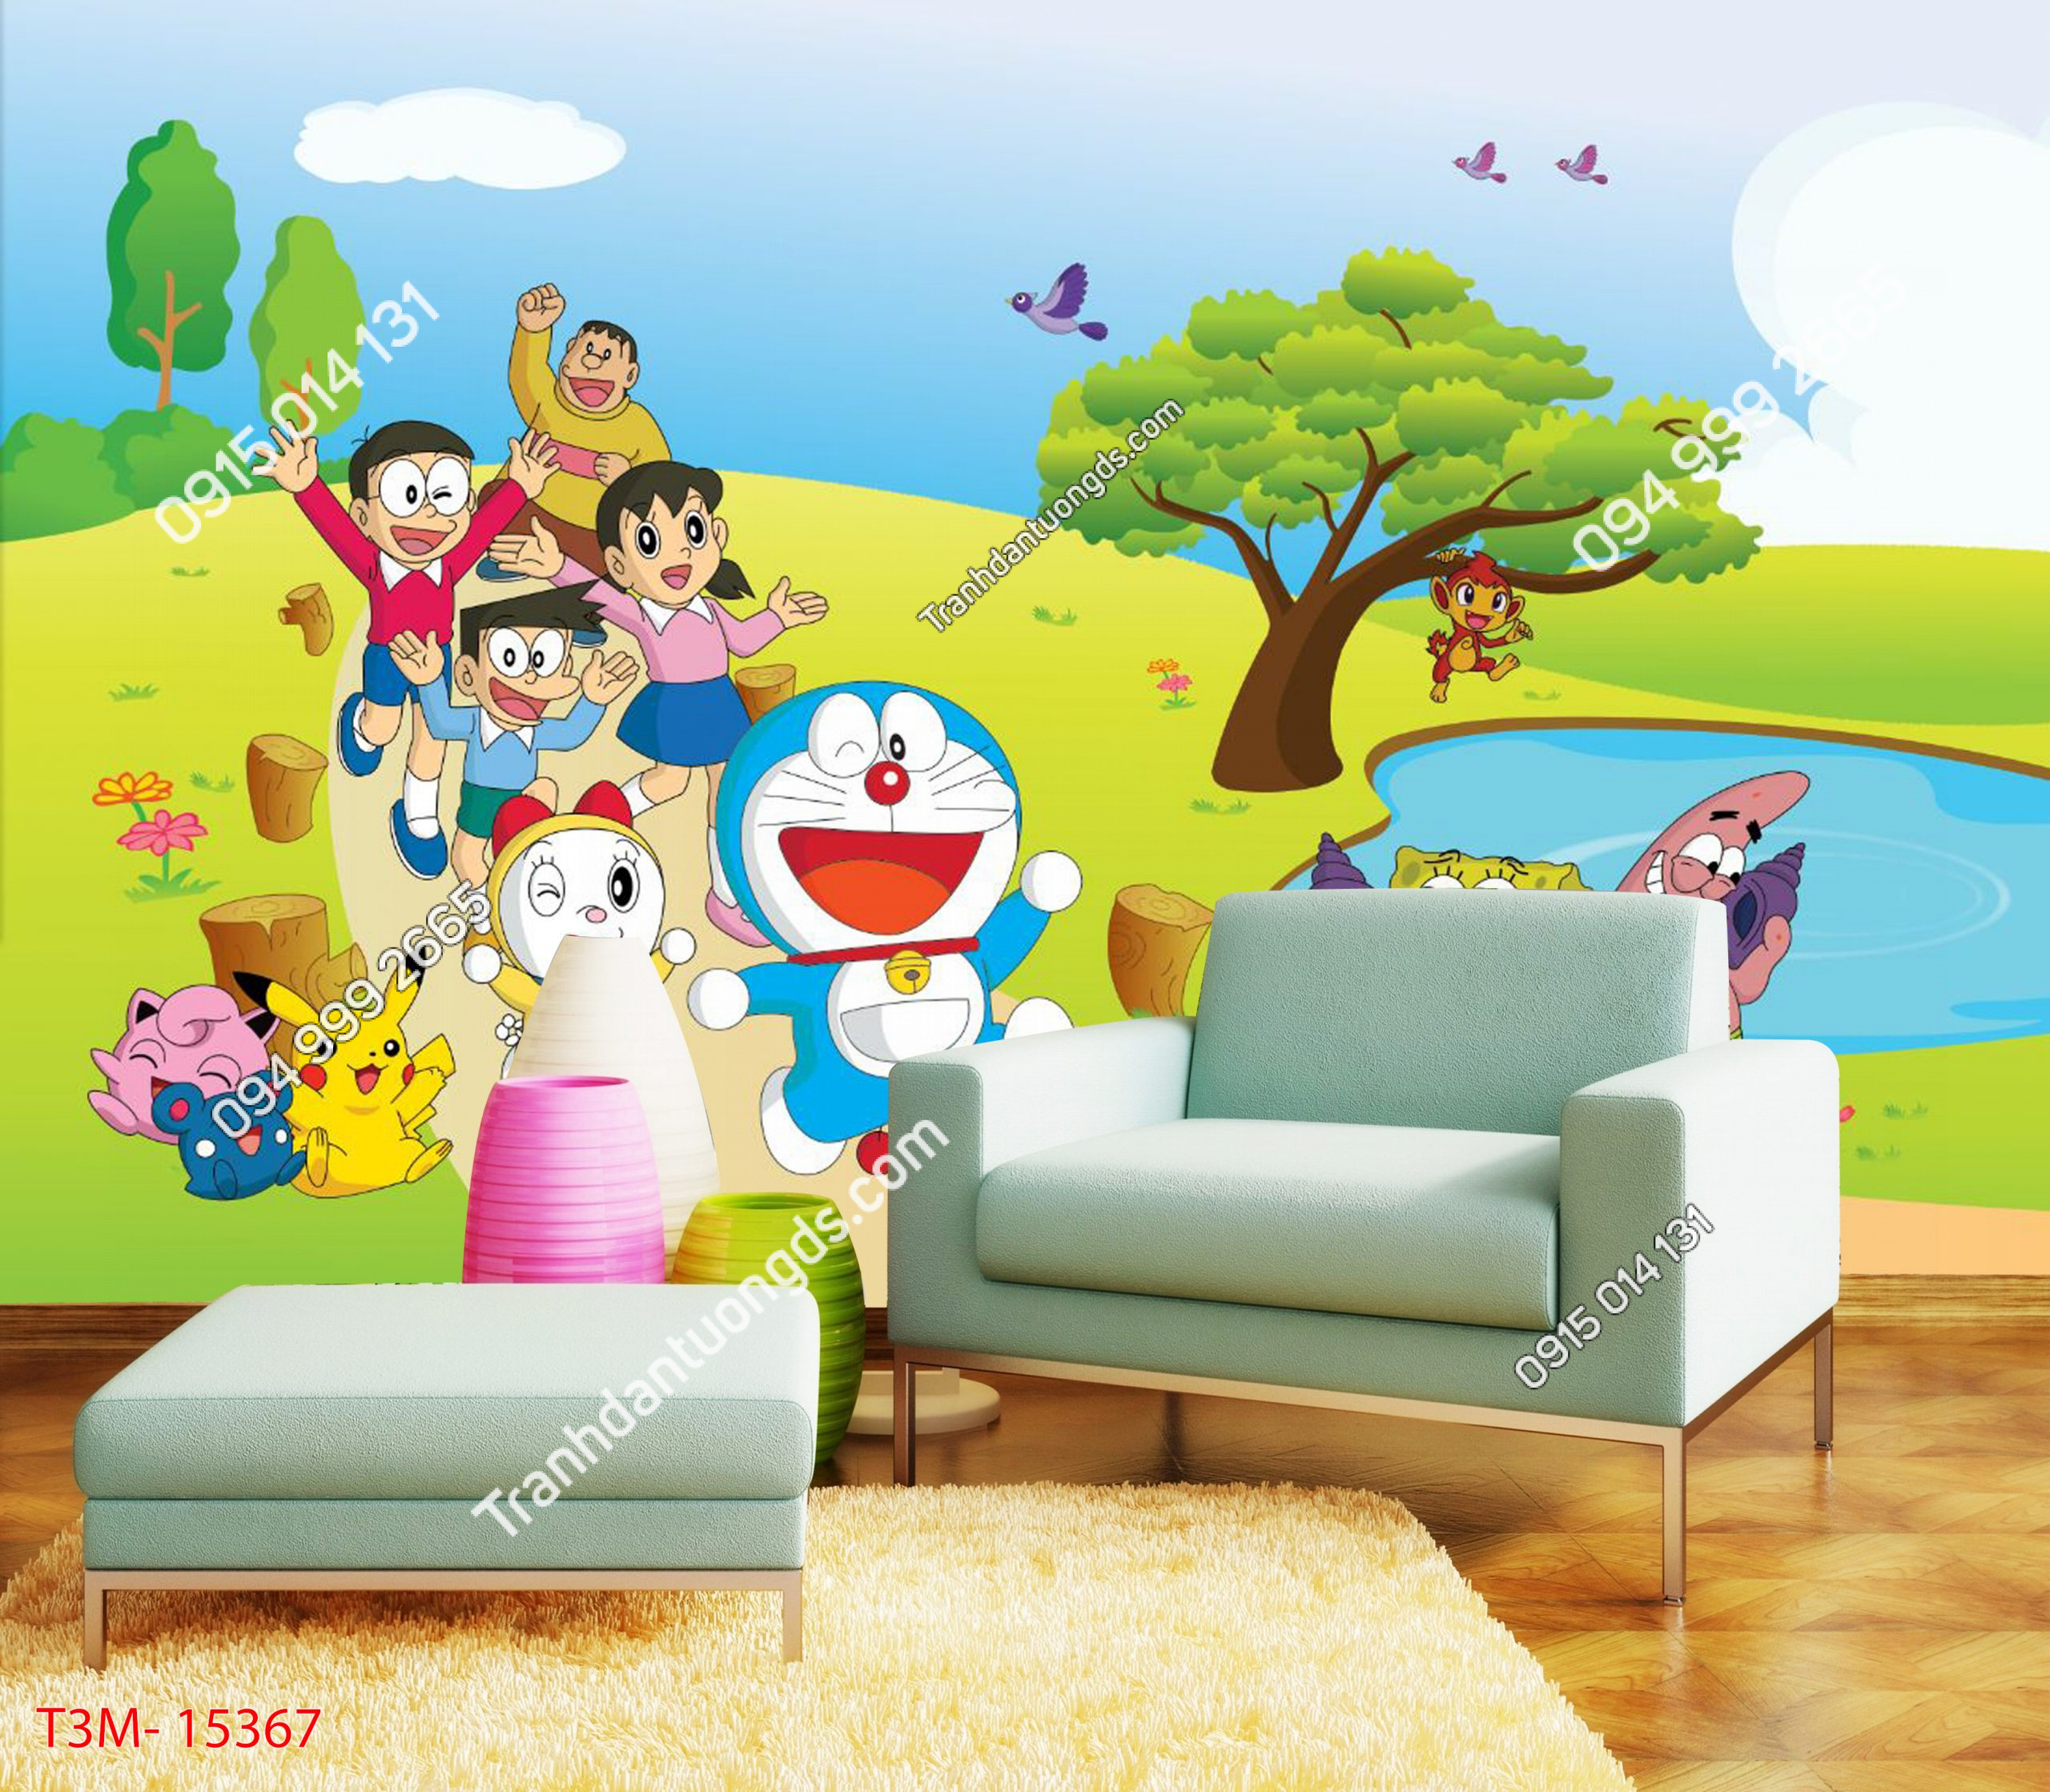 Tranh dán tường Doraemon và những người bạn - 15367 DEMO